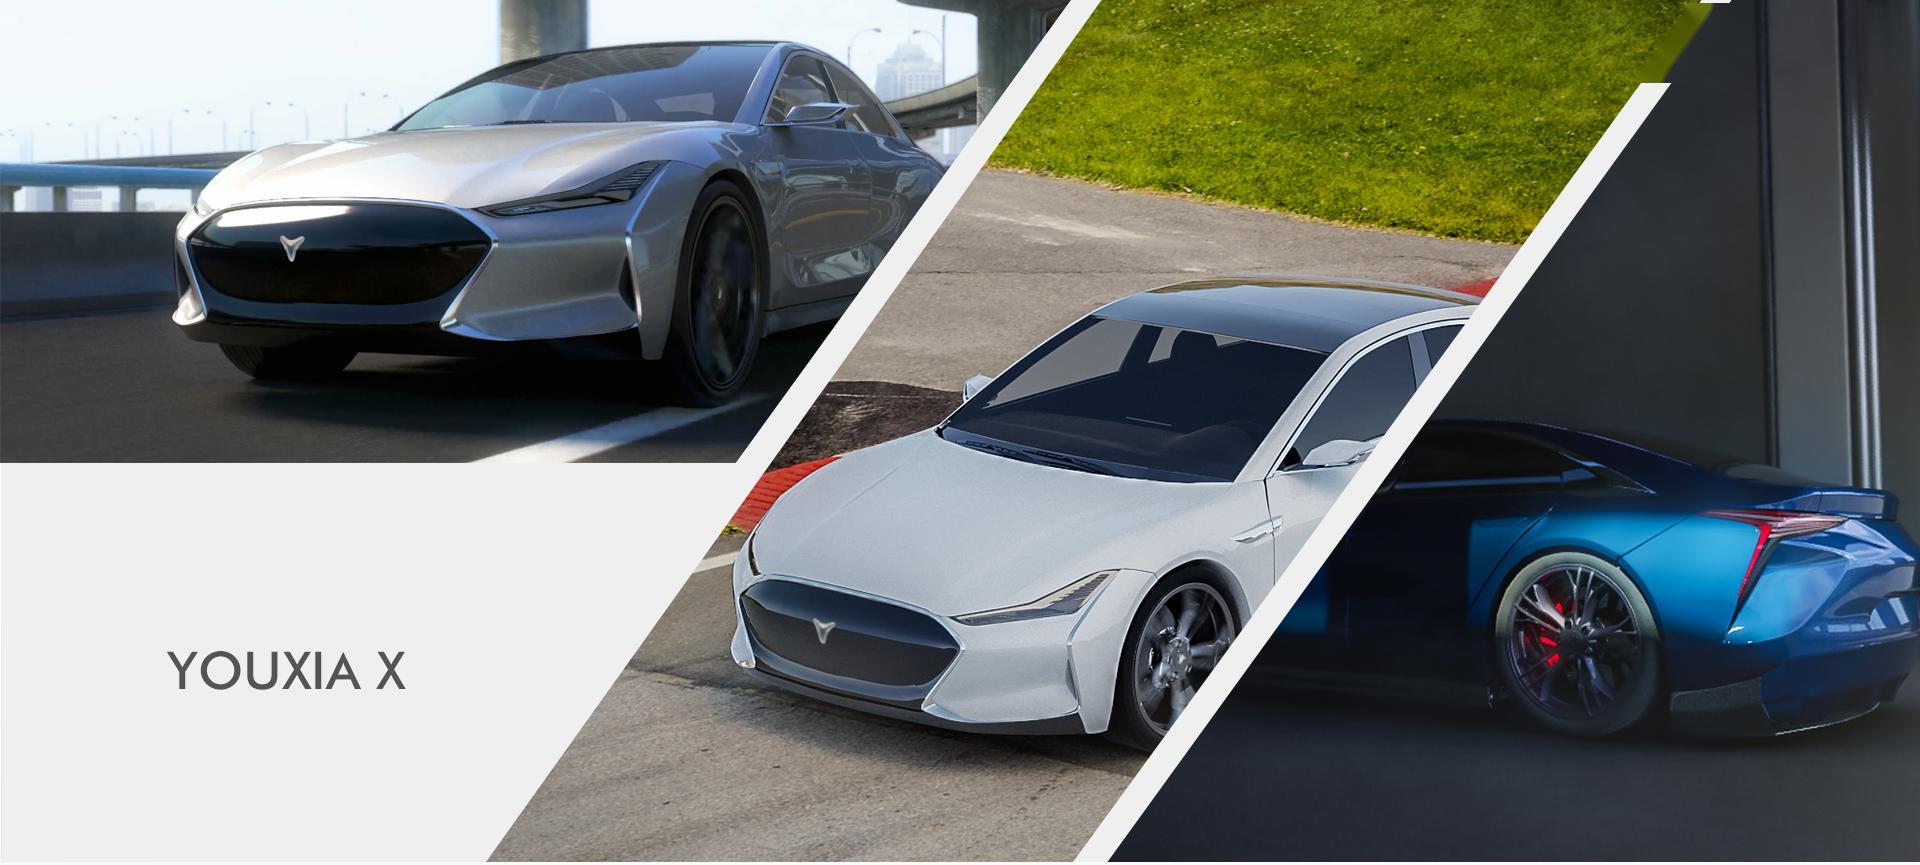 """摸底新势力   游侠汽车走上代工之路,首款车型方案生变,仍期待成为""""黑马"""""""